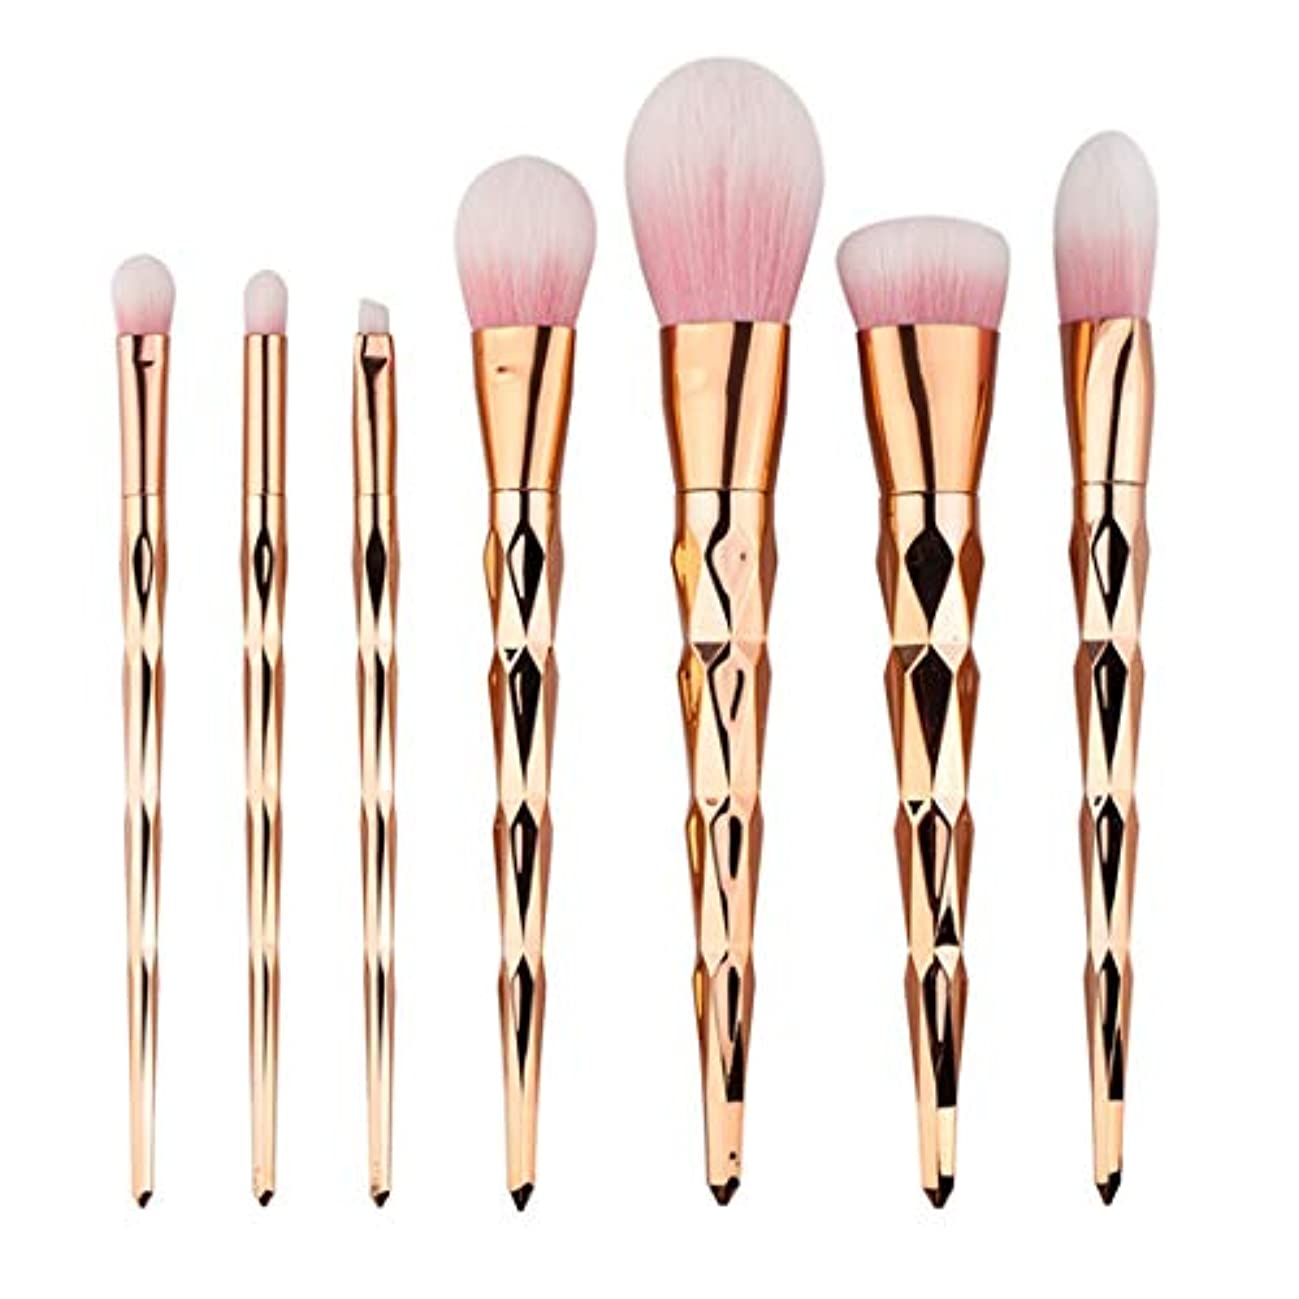 セマフォコンクリートスティックMakeup brushes 7ピースダイヤモンド化粧ブラシセットレインボーハンドルファンデーションパウダー赤面アイシャドウリップブラシフェイス美容メイクアップツールキット - ゴールド suits (Color : Gold)